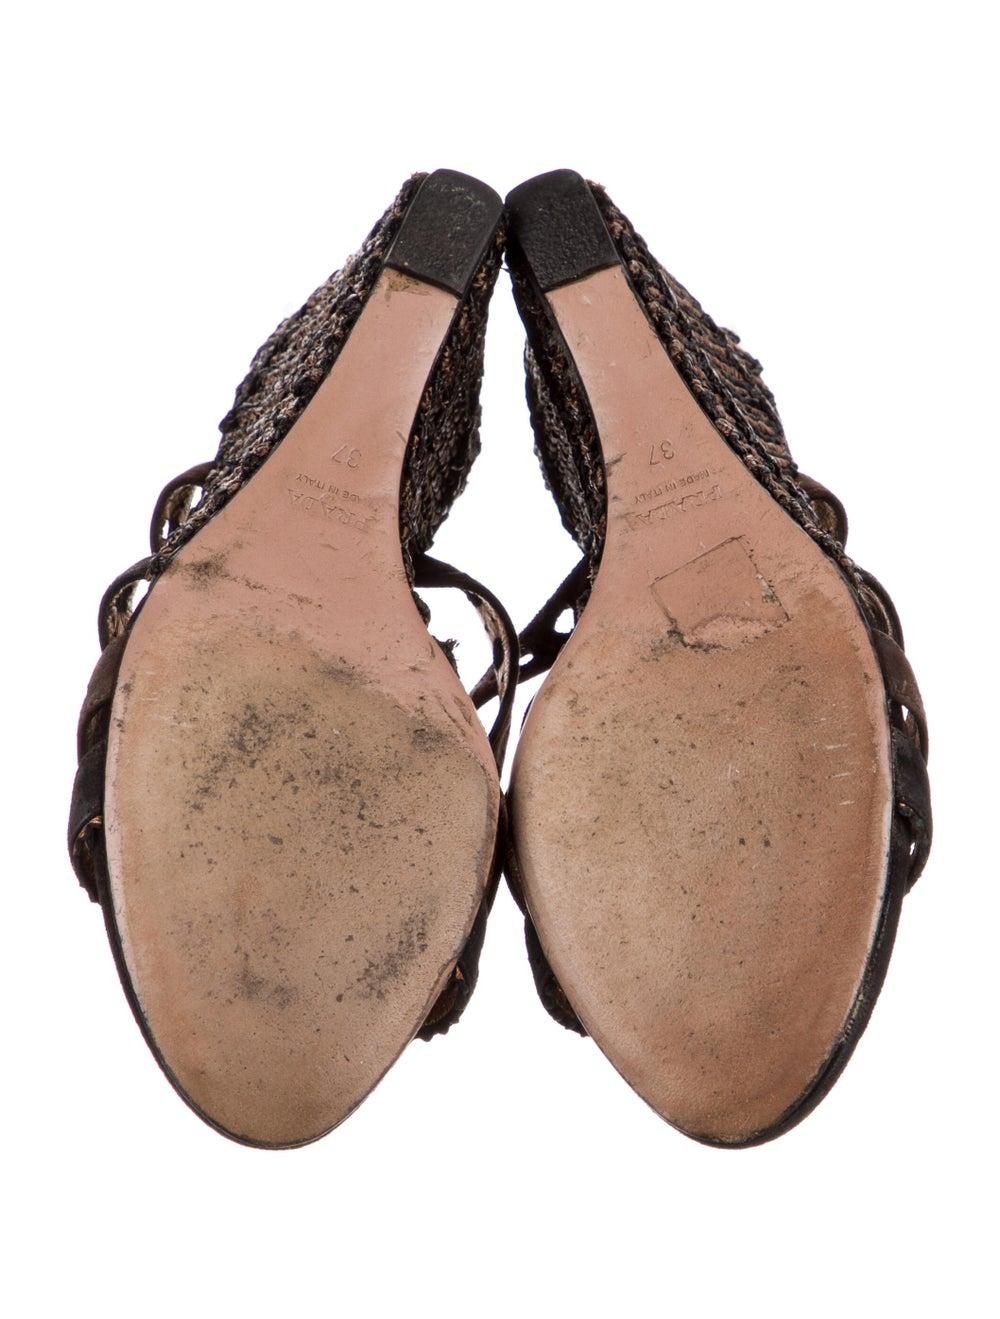 Prada Leather Espadrilles Black - image 5